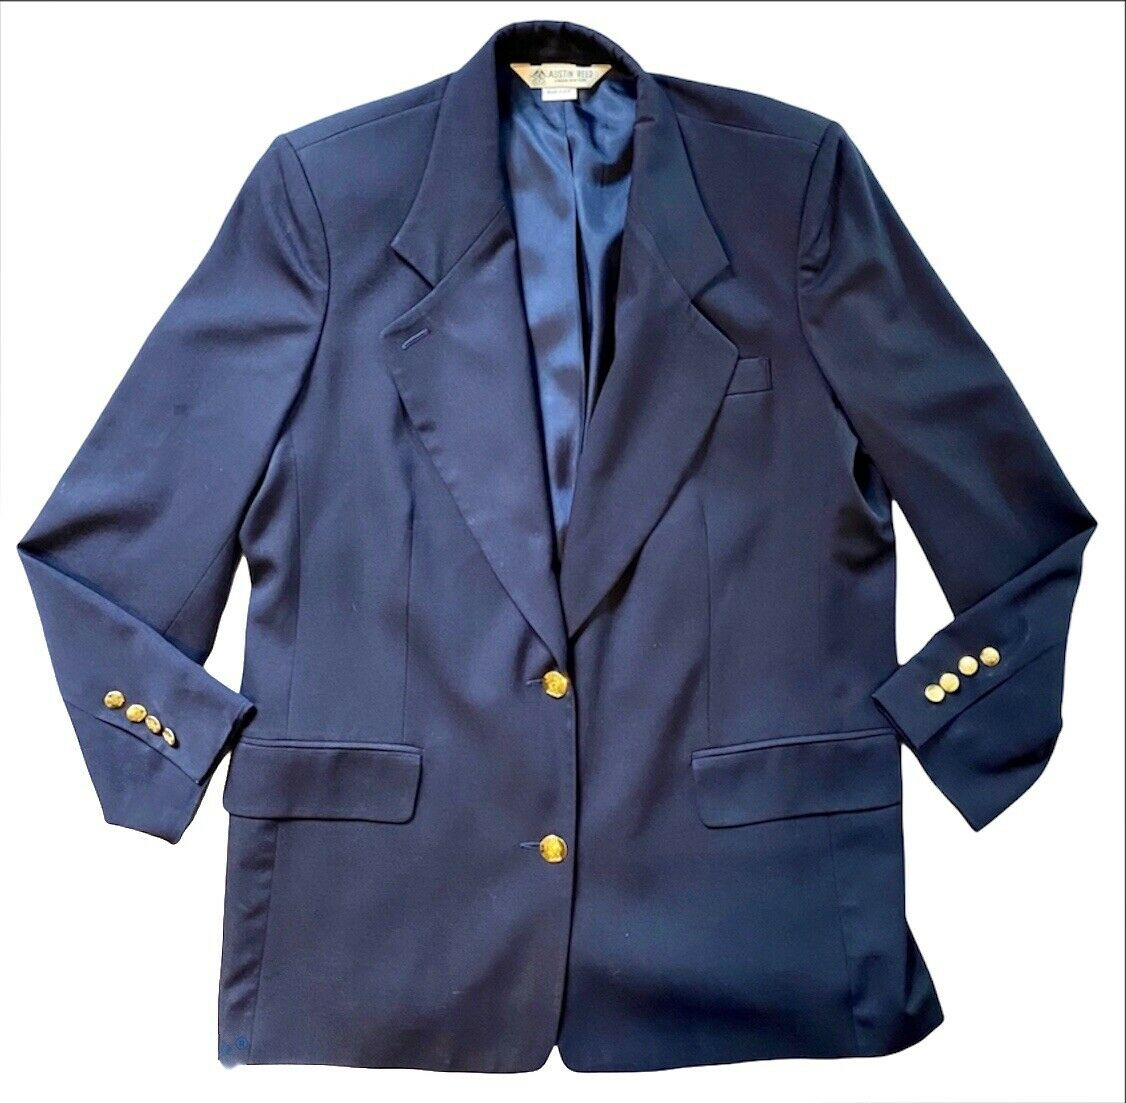 Kupit Austin Reed Vintage 100 Worsted Wool Blazer Navy Na Aukcion Iz Ameriki S Dostavkoj V Rossiyu Ukrainu Kazahstan